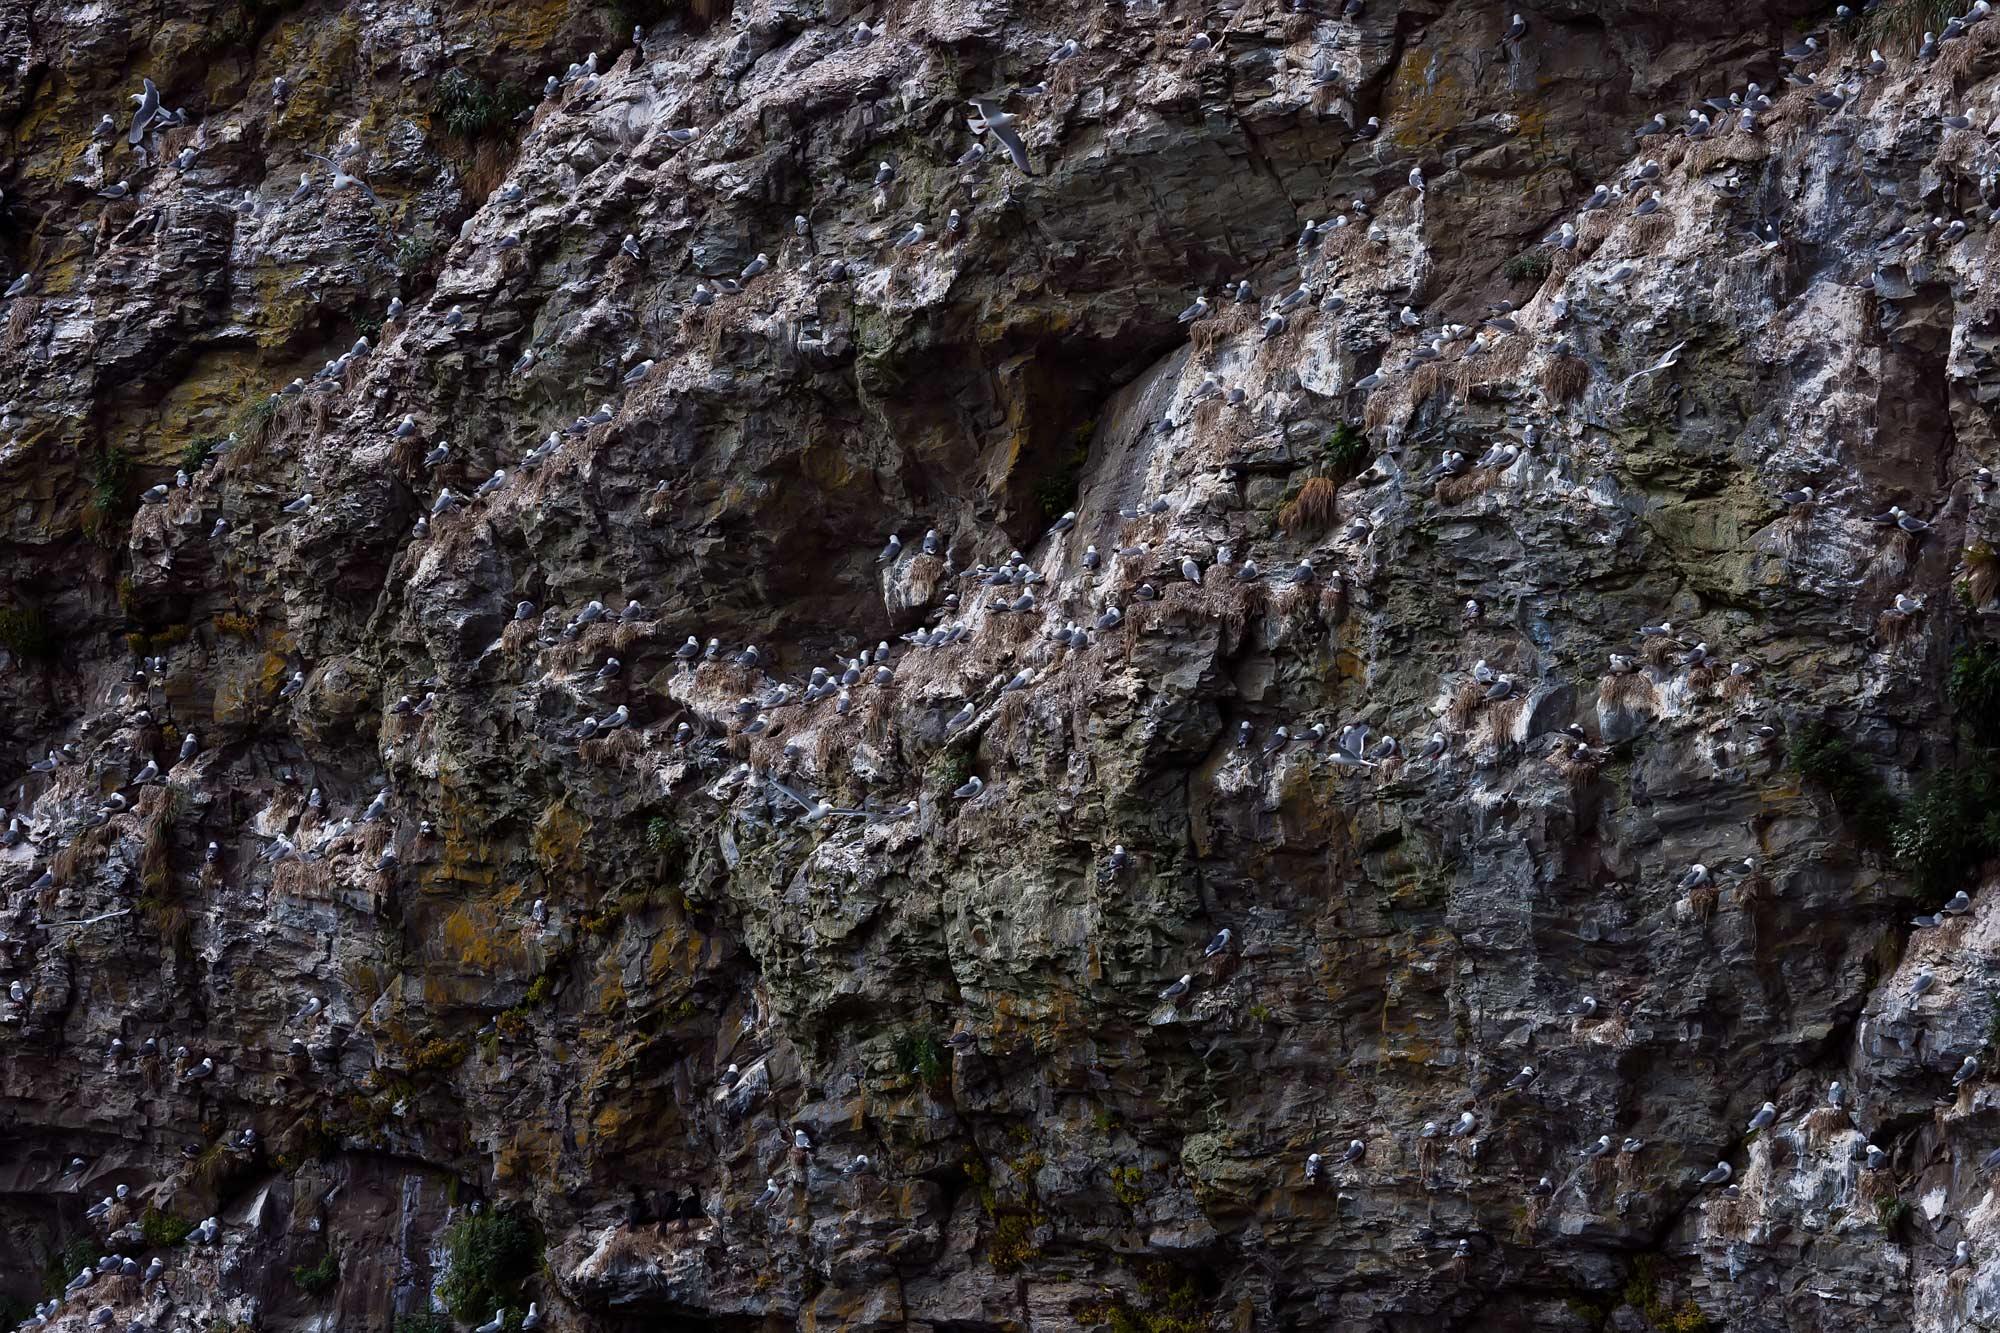 чайки, моевки, говорушки, птичий базар, скала, остров беринга, командорские острова, Дмитрий Уткин